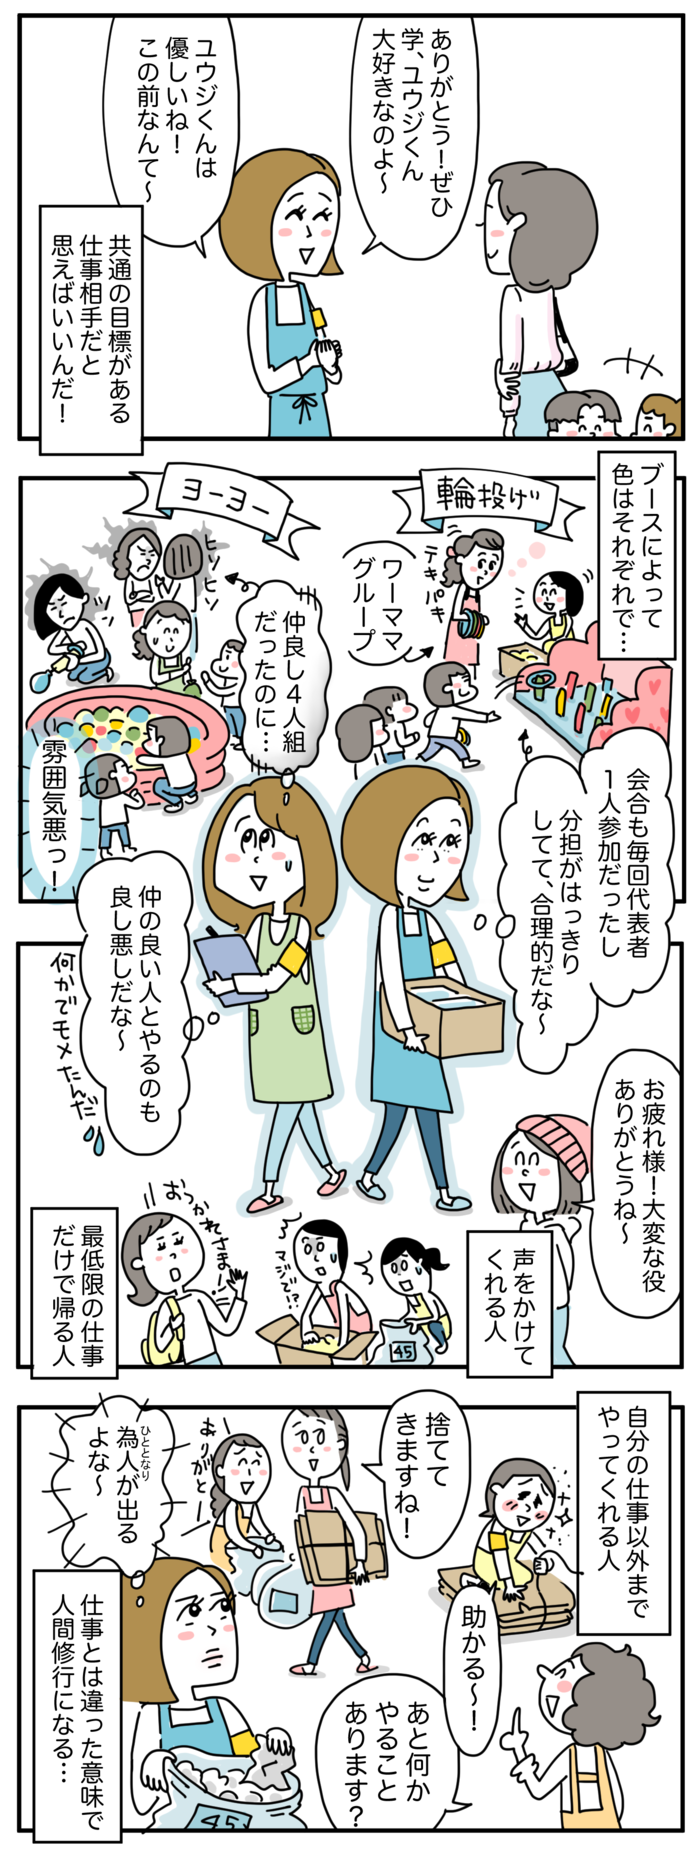 ママ友は「友」をつけるから混乱する。モヤモヤの先につかんだ距離感の画像6